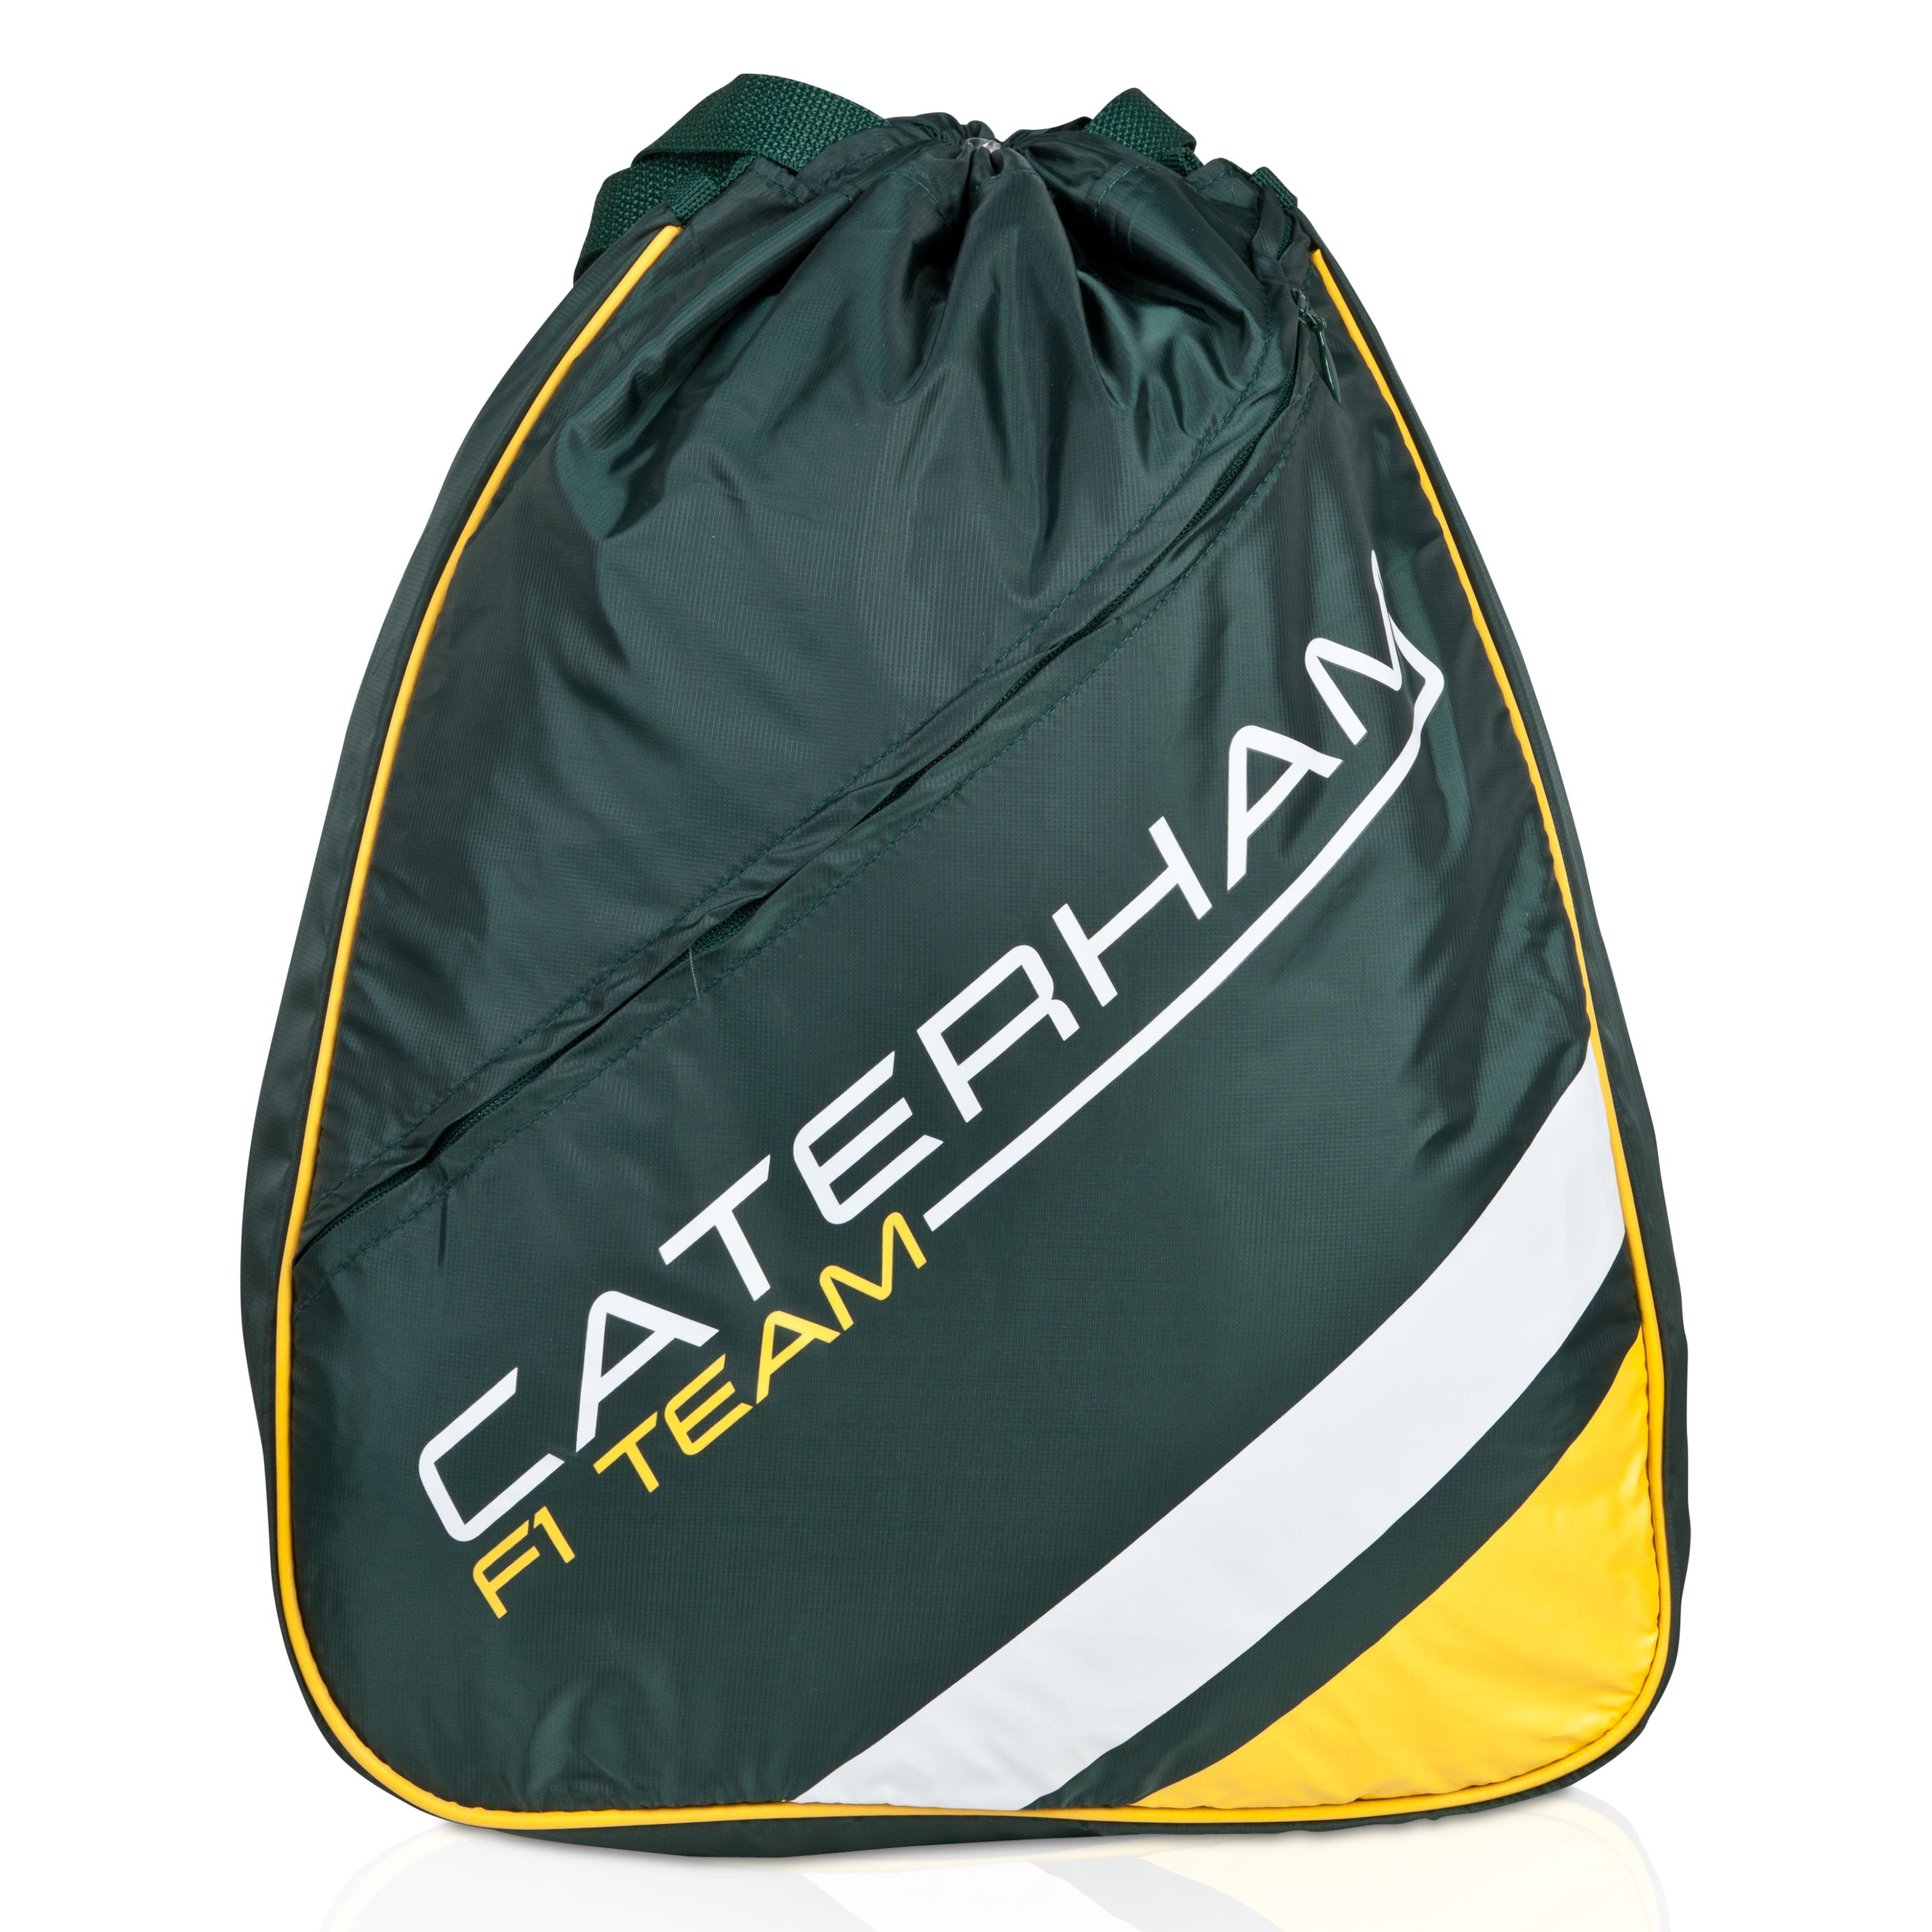 Caterham F1 Team Pullstring Bag